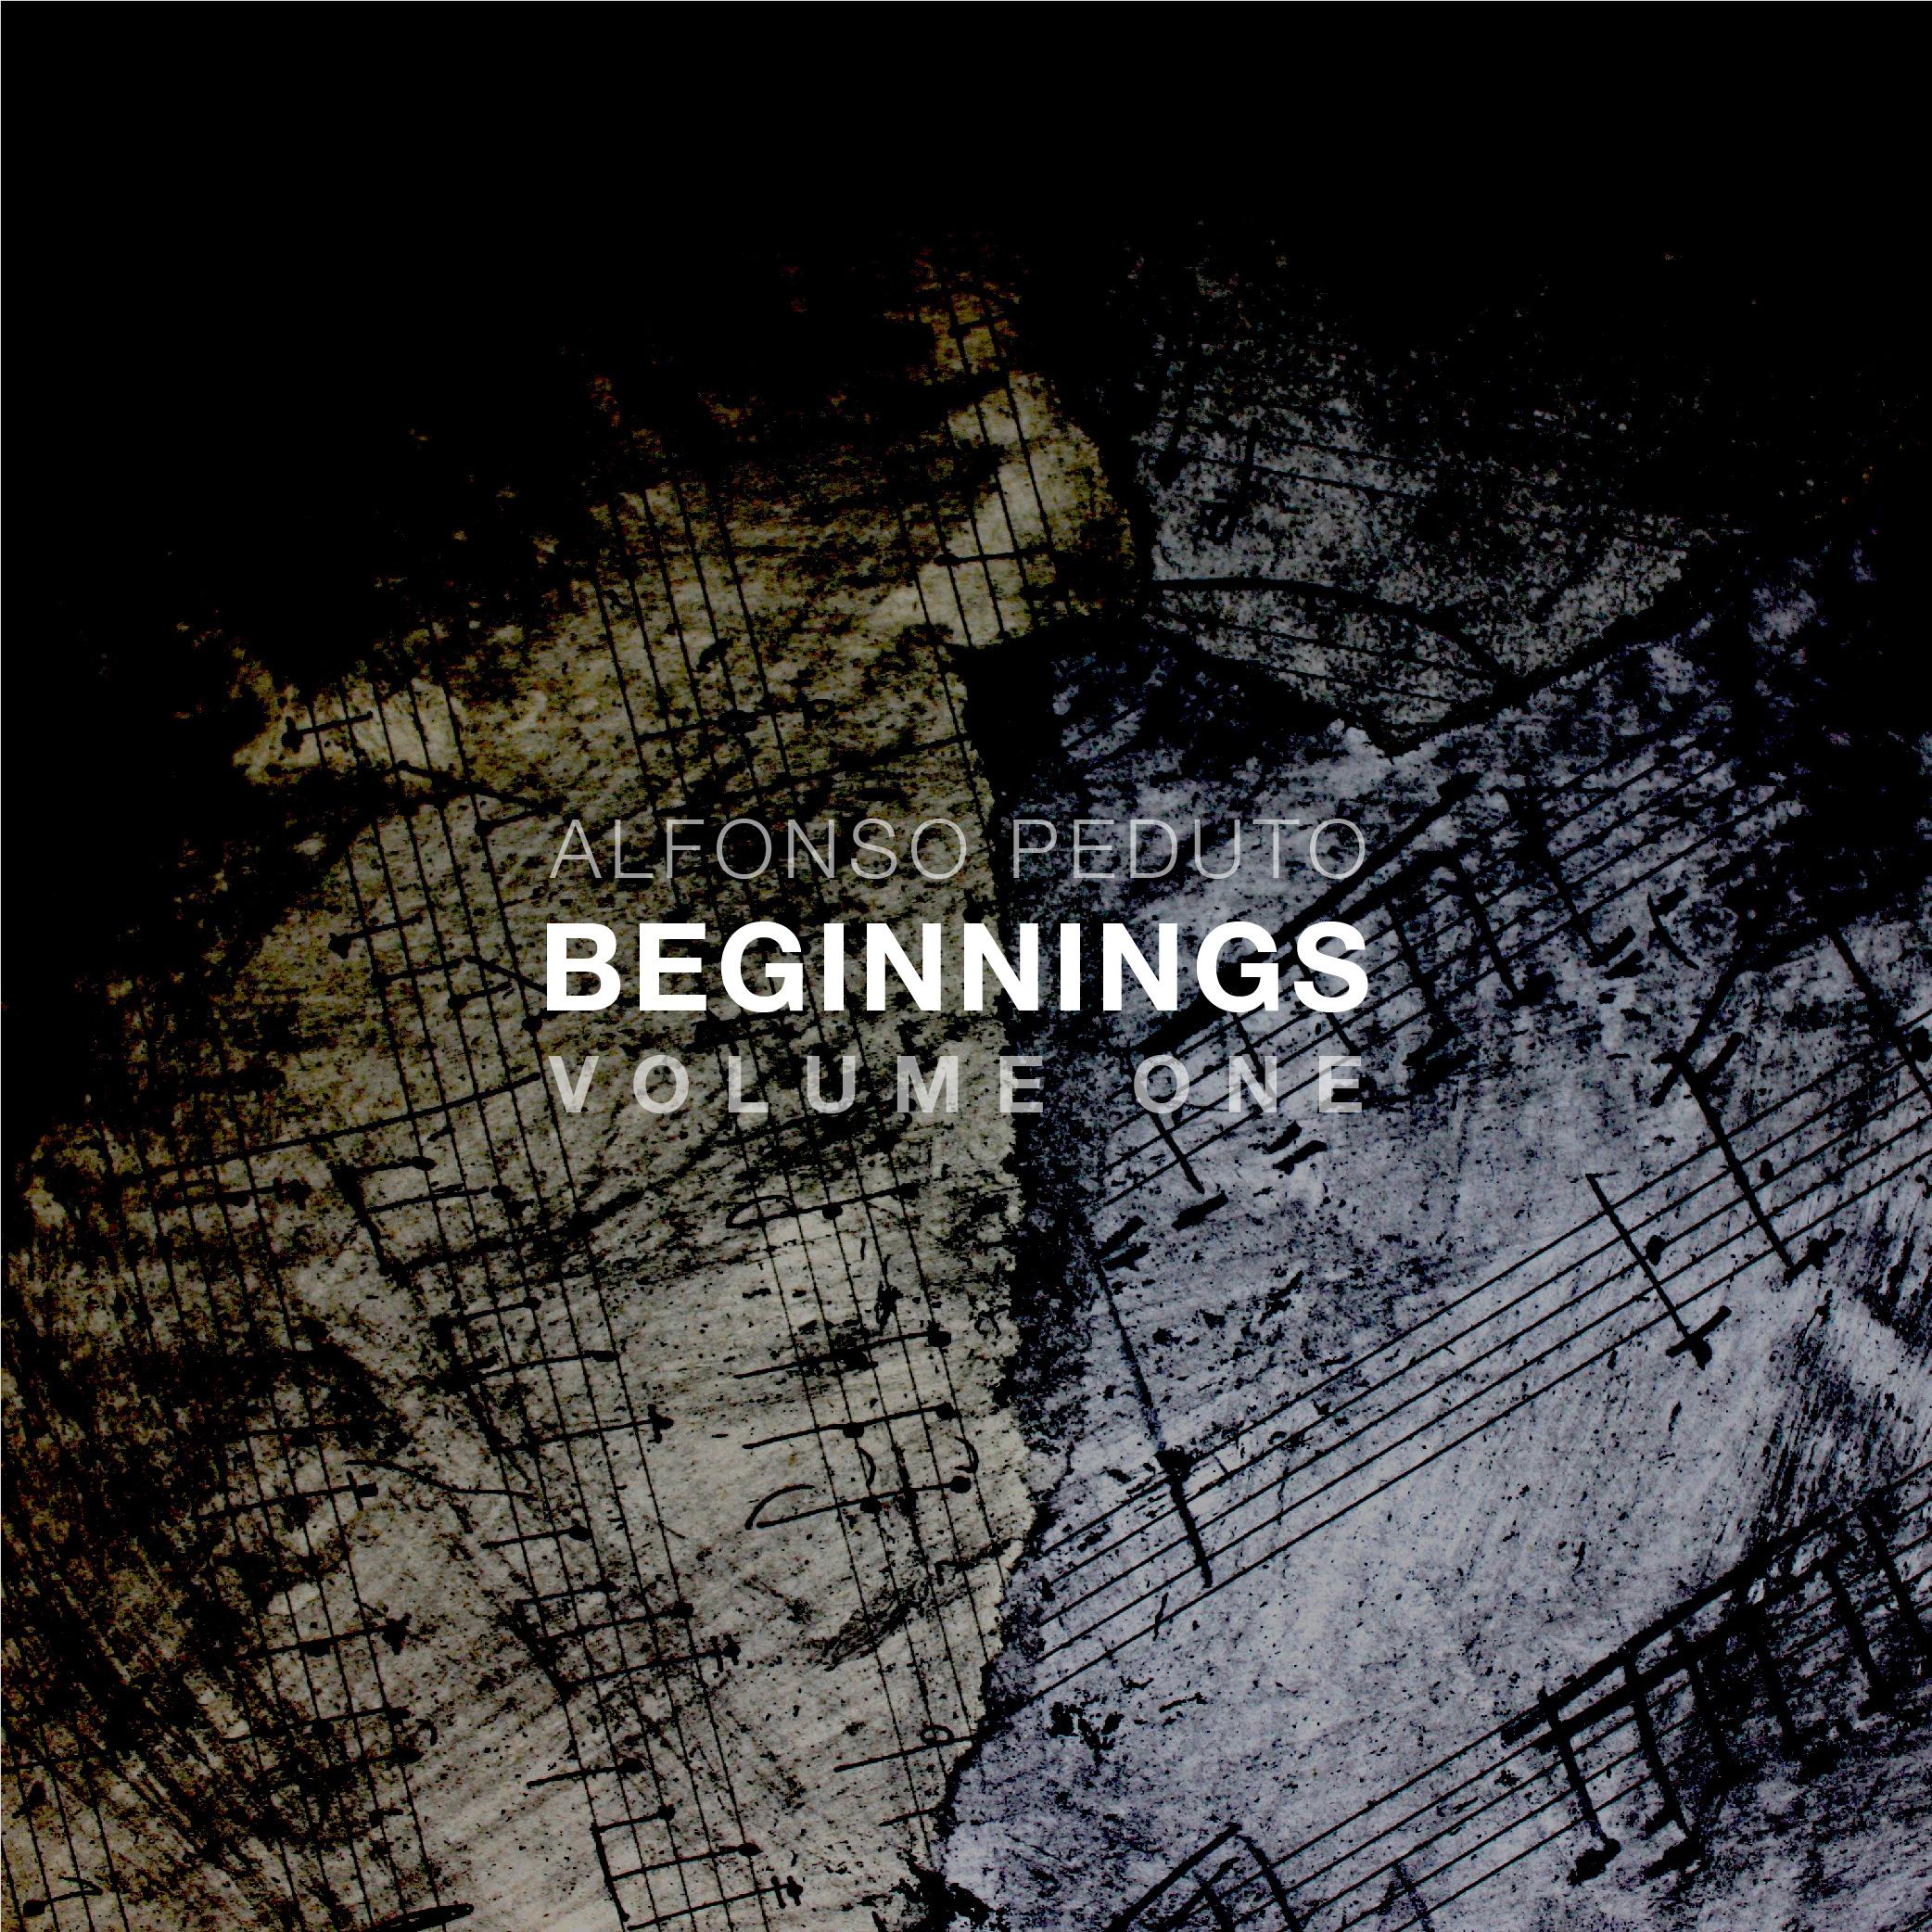 BEGINNINGS-final-covers-02.jpg